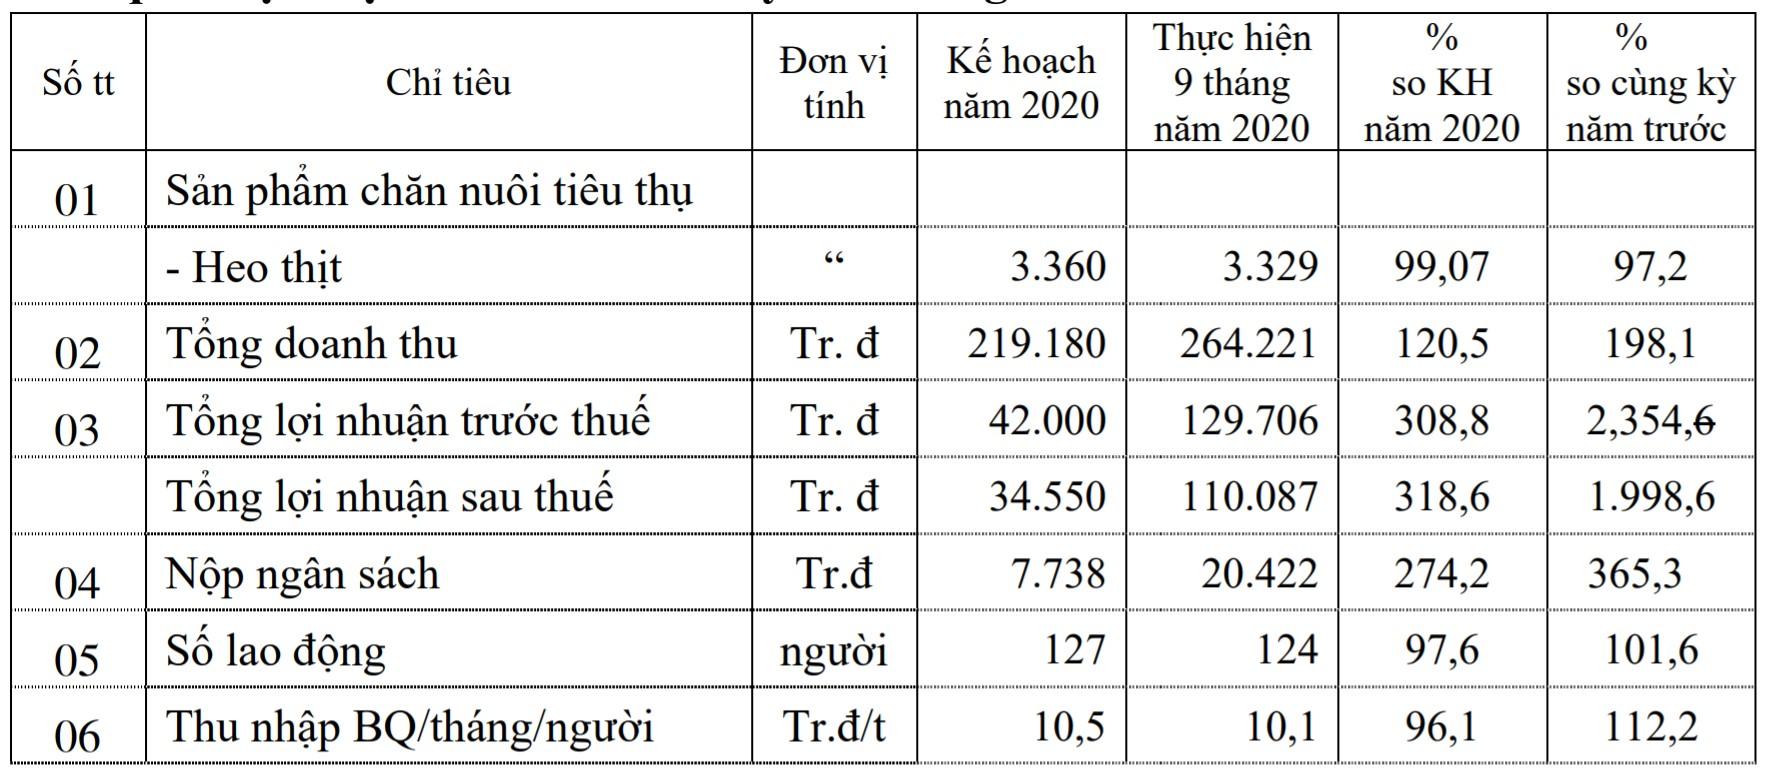 Doanh nghiệp nuôi heo tại Đồng Nai chốt quyền tạm ứng cổ tức 40% bằng tiền - Ảnh 1.